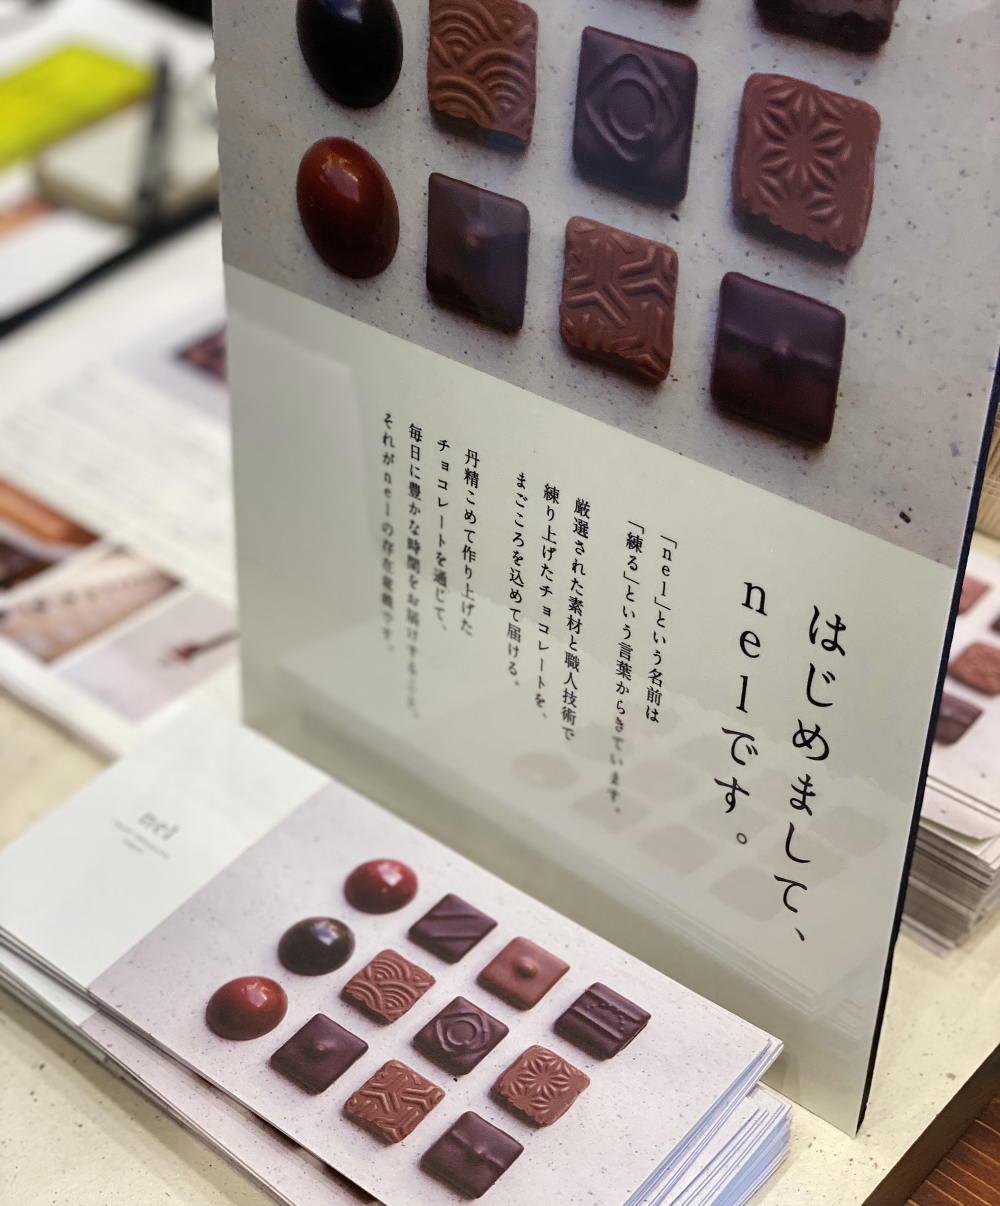 ネルクラフトチョコレートトーキョーとは?